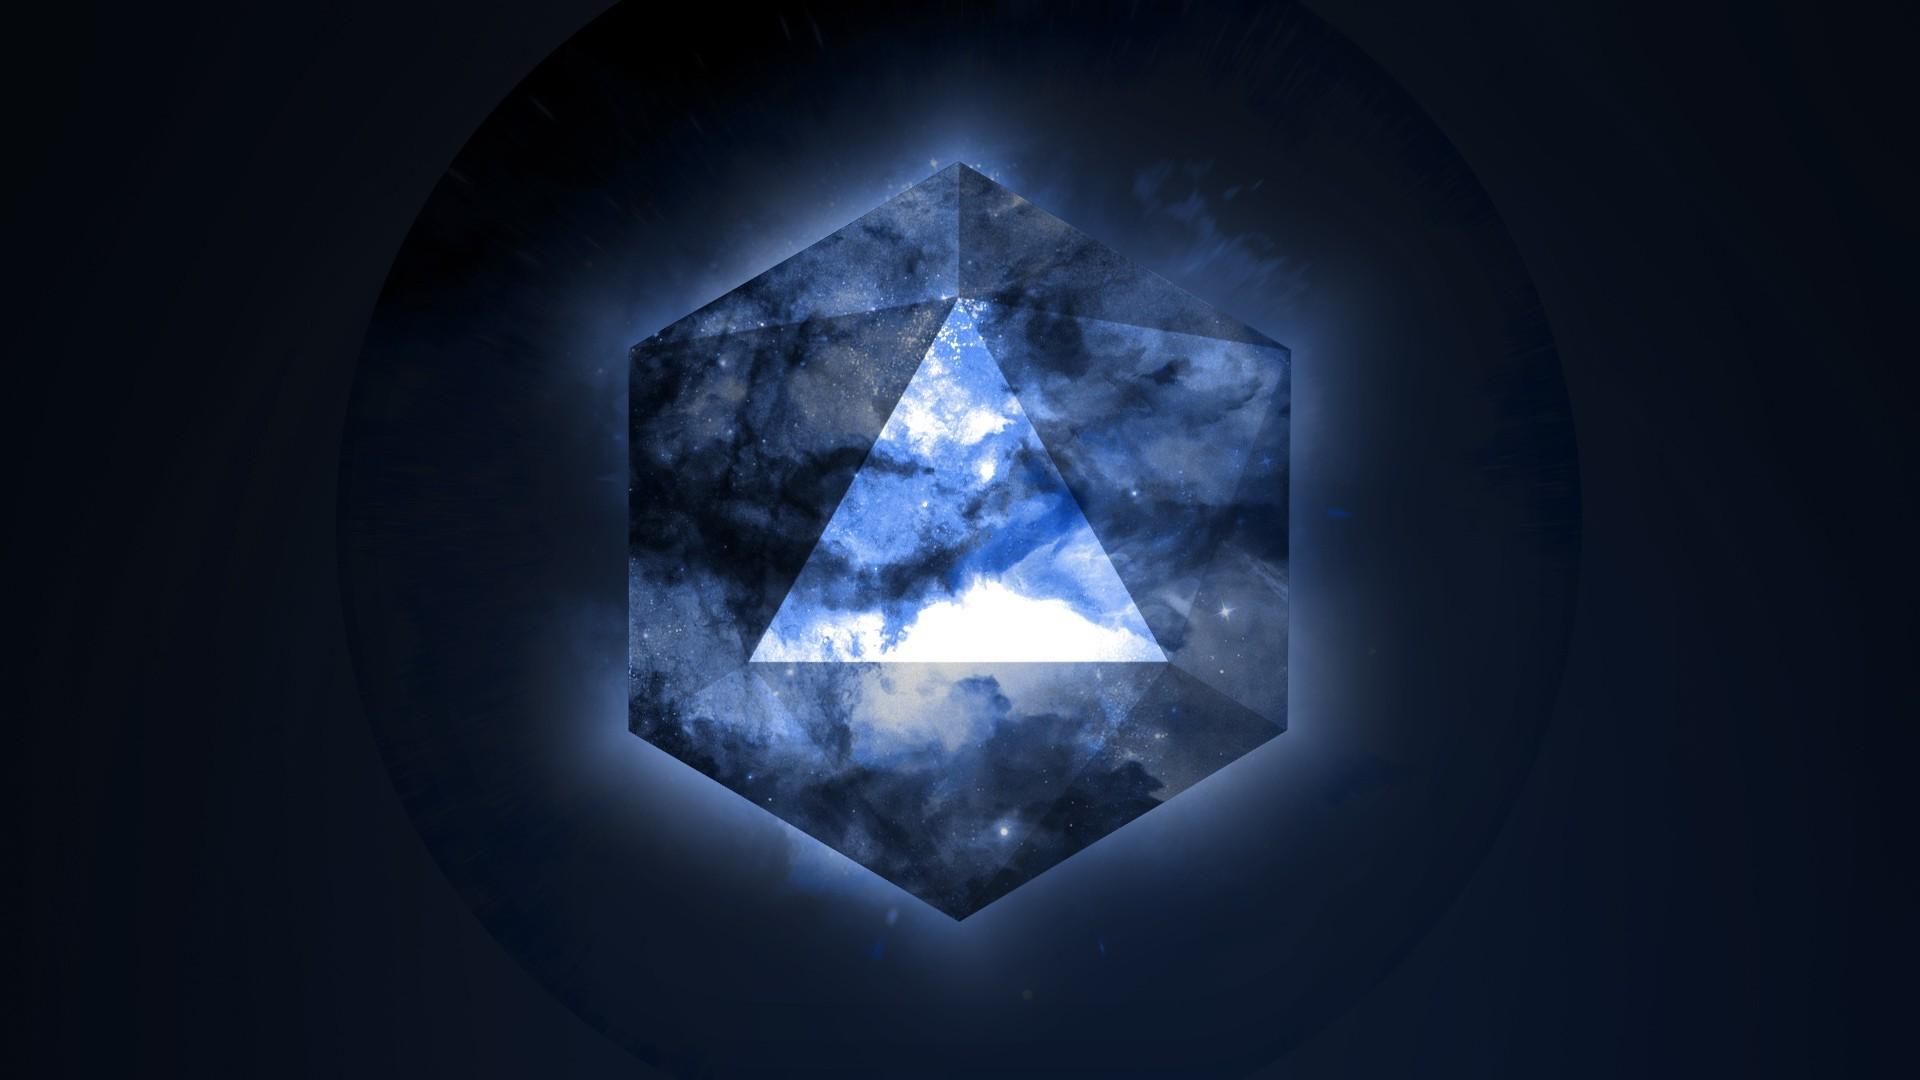 illuminati stars deutsch